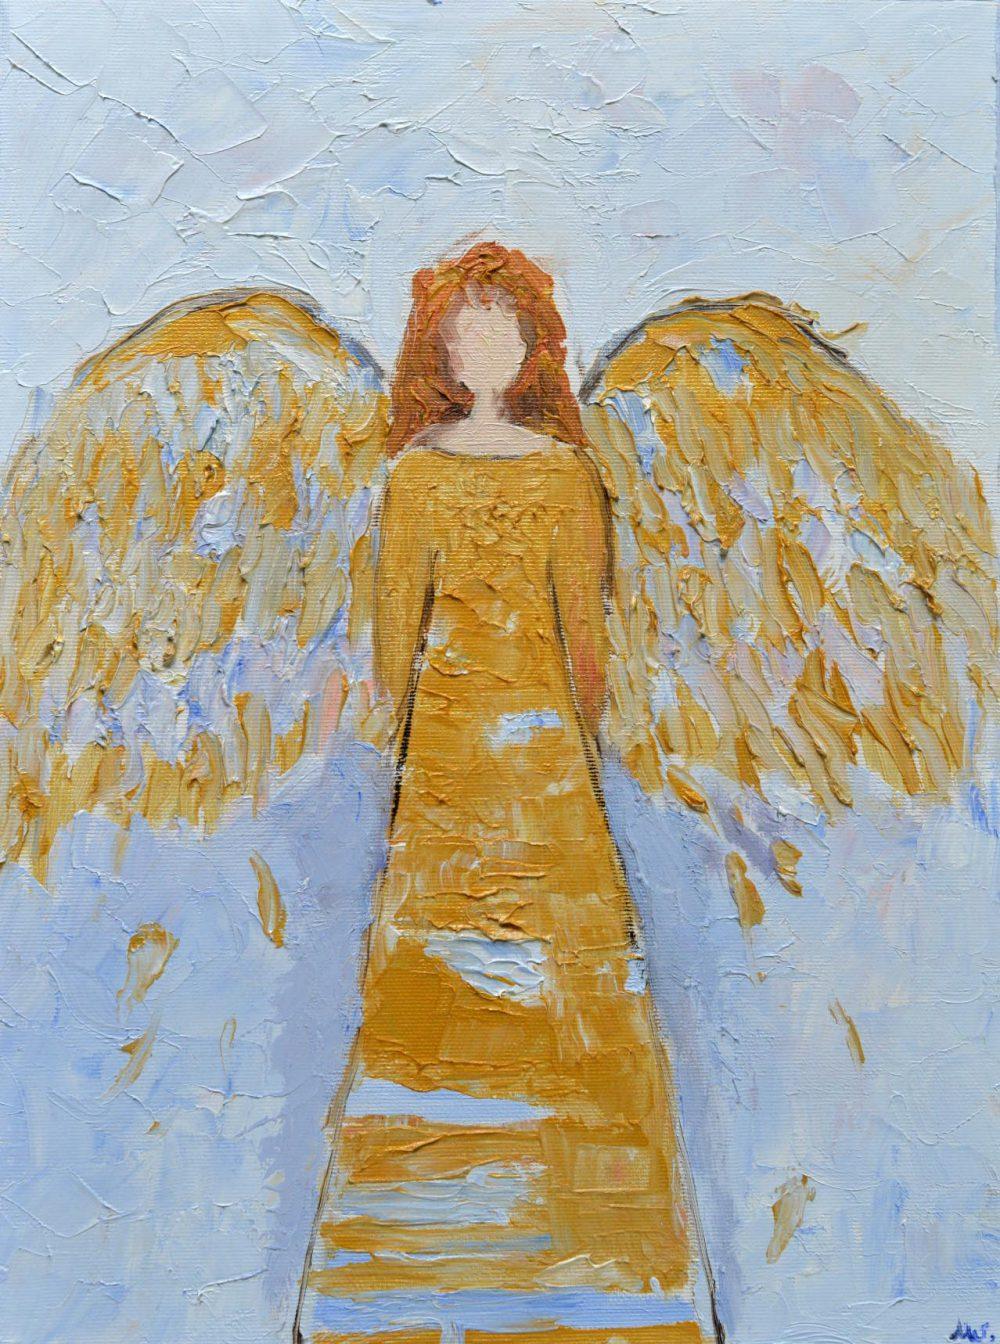 Anioł malowany na płótnie, błękity, złoto